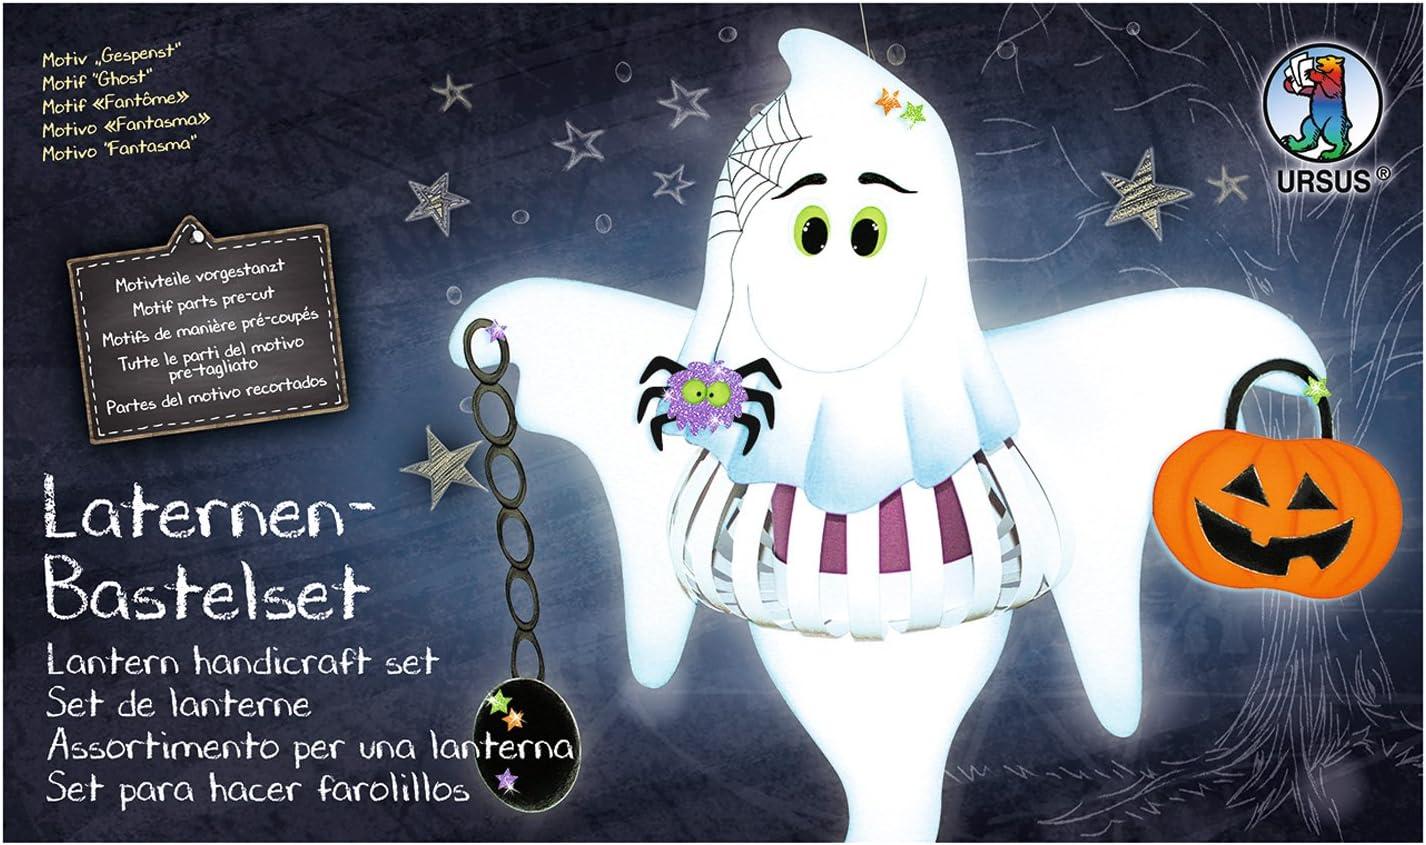 Ursus 18720011 F faroles Juego de Manualidades, Fantasma: Amazon.es: Juguetes y juegos